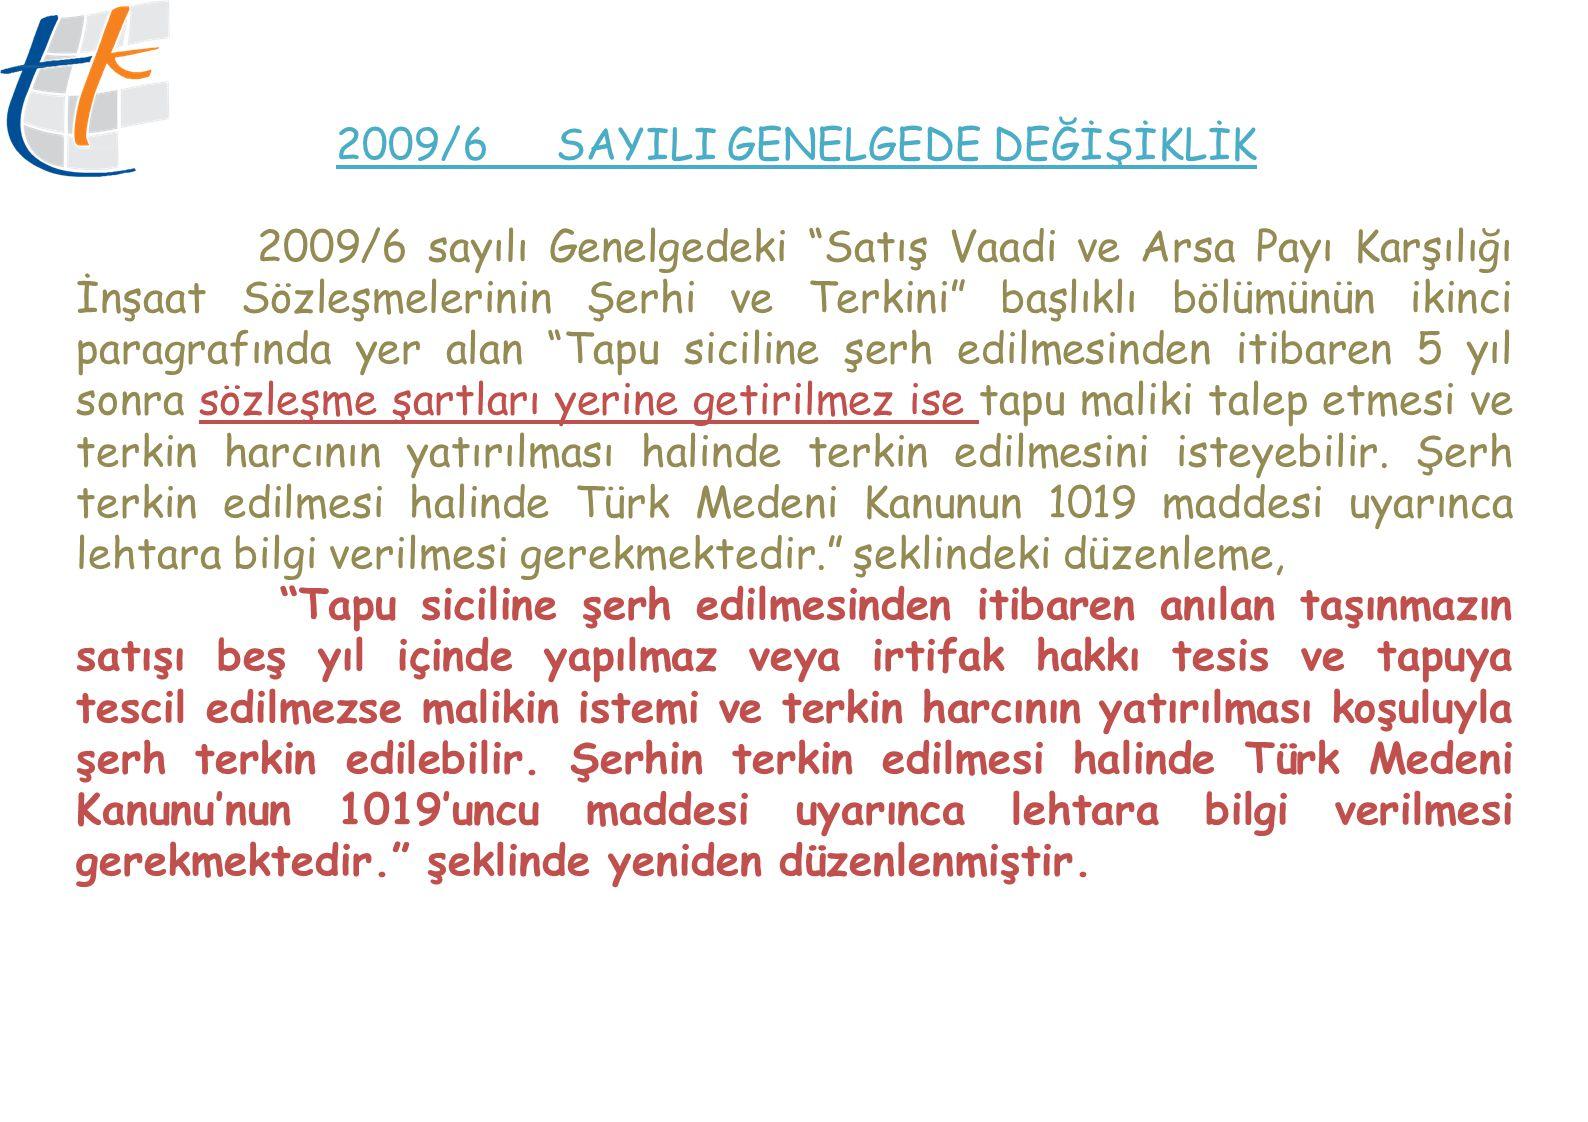 """2009/6 SAYILI GENELGEDE DEĞİŞİKLİK 2009/6 sayılı Genelgedeki """"Satış Vaadi ve Arsa Payı Karşılığı İnşaat Sözleşmelerinin Şerhi ve Terkini"""" başlıklı böl"""